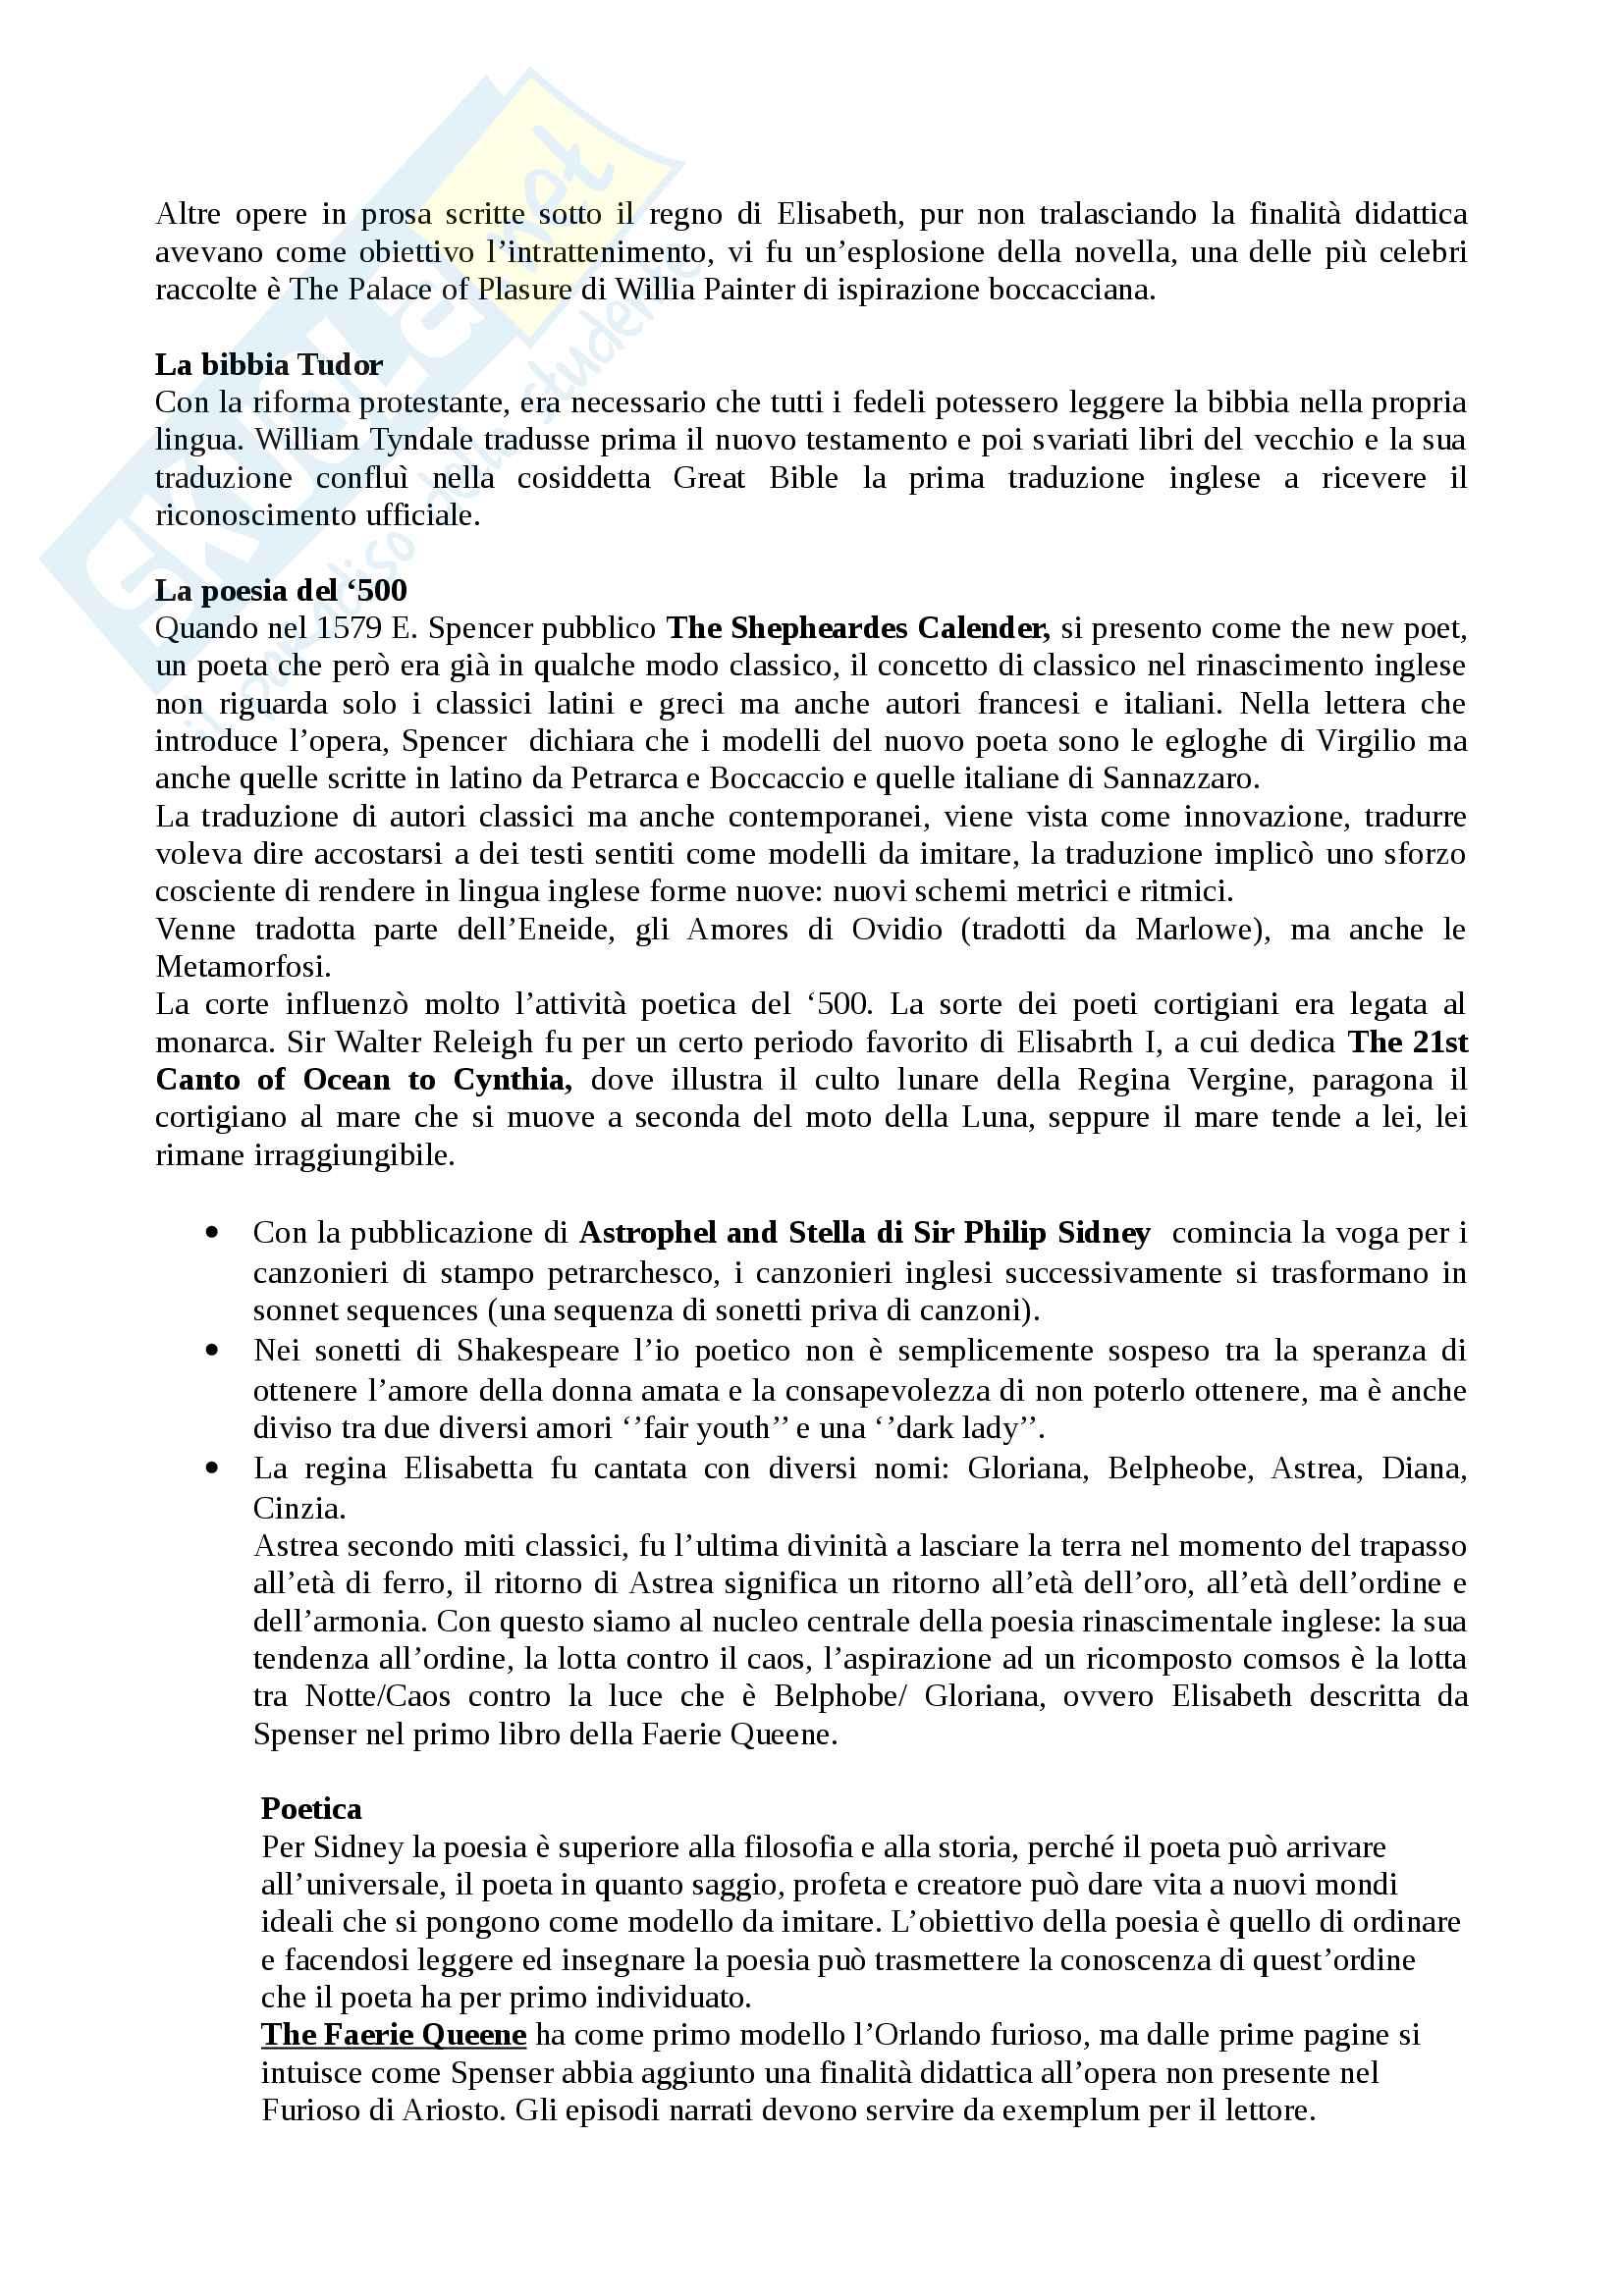 Riassunto letteratura inglese II - dal medioevo al '700, libro consigliato: Manuale di letteratura e cultura inglese, Crisafulli, K. Elam Pag. 6